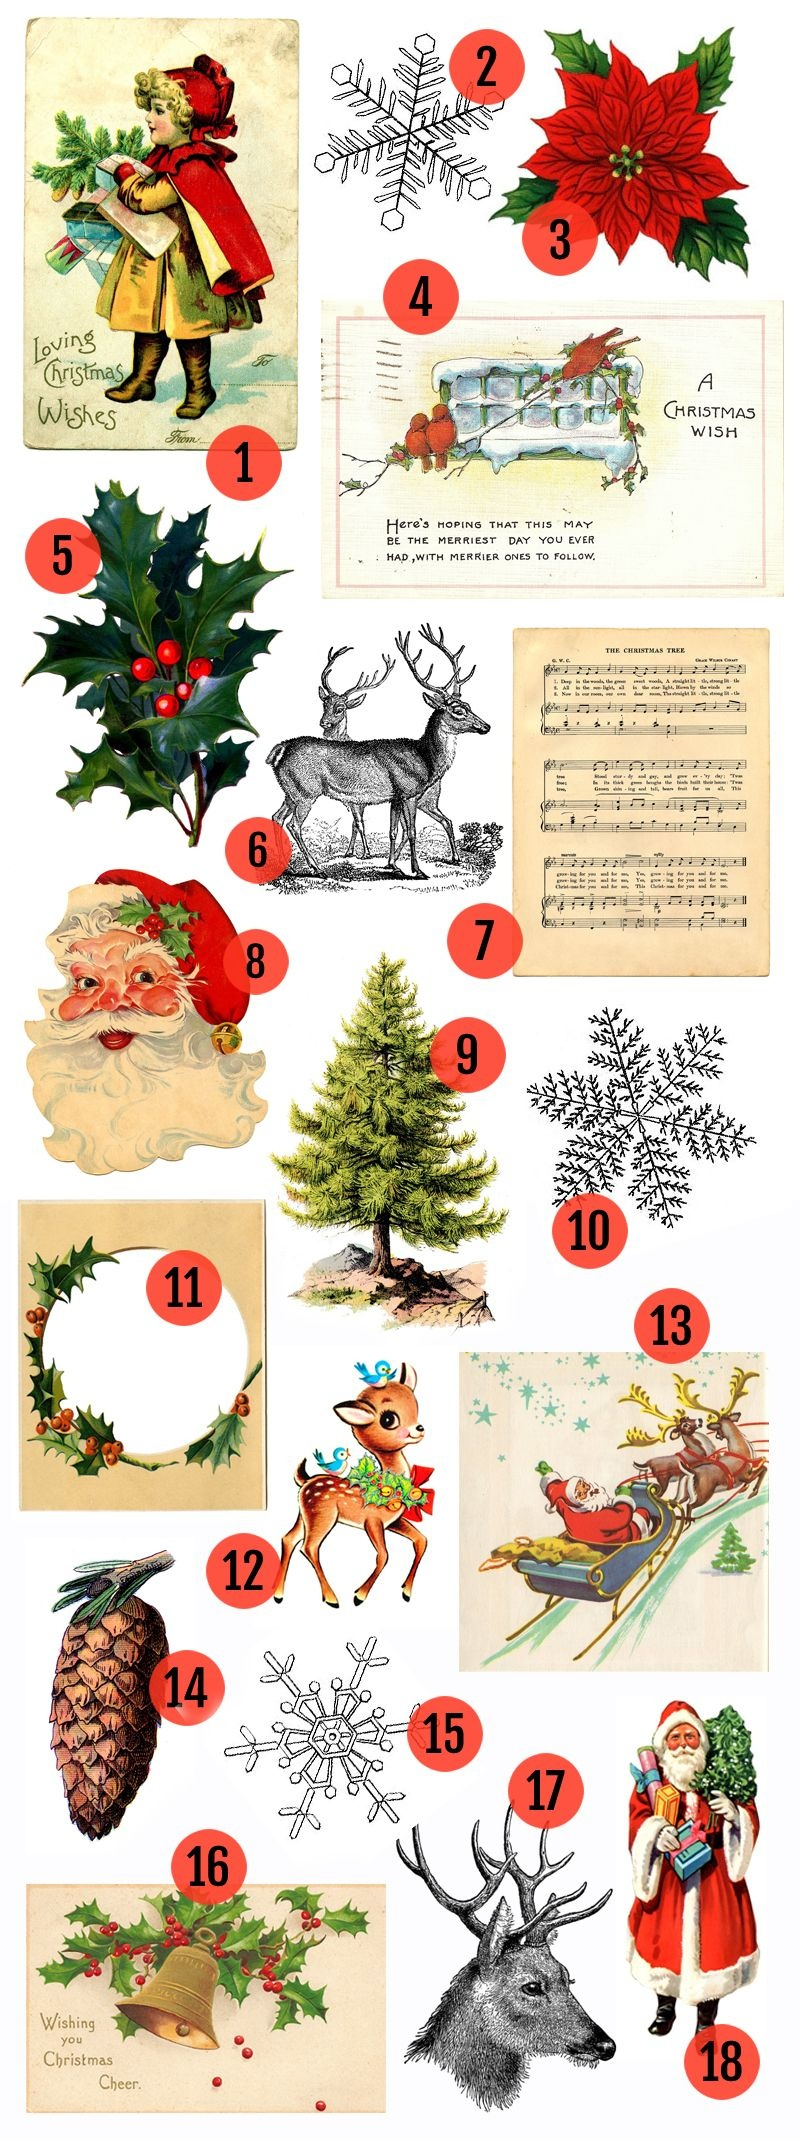 Free Christmas Printable & Vintage Christmas Clip Art | Christmas - Free Printable Vintage Christmas Clip Art